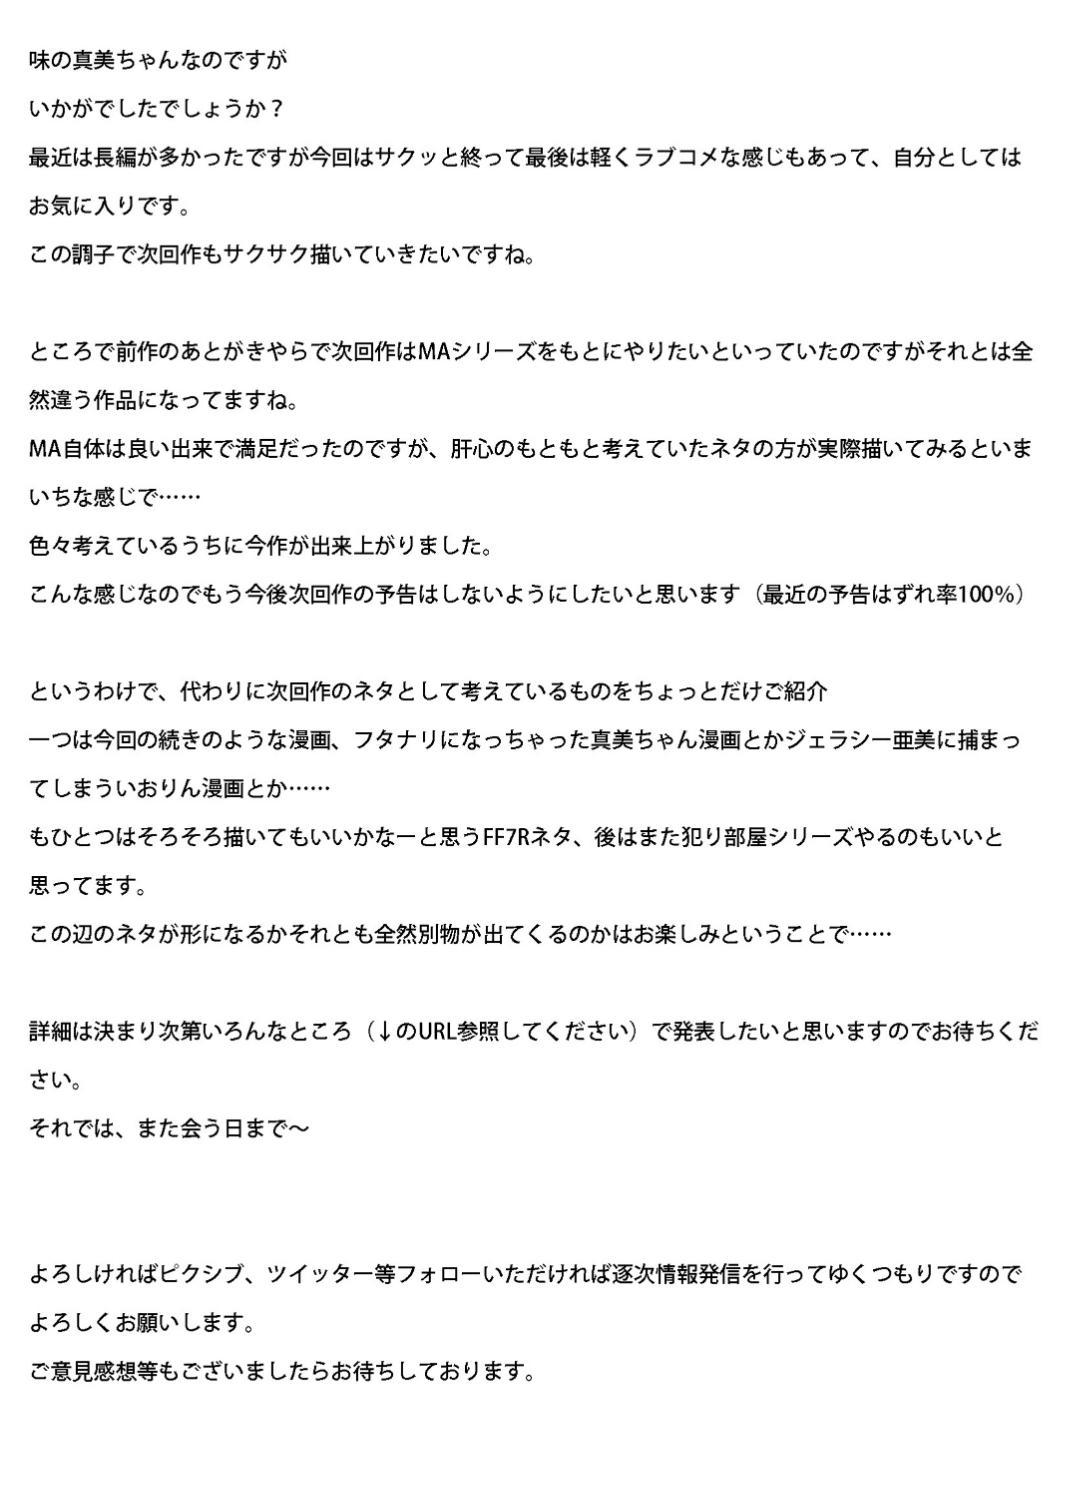 Futanari Iorin ga Mami no Oppai o Tannou suru Manga 47